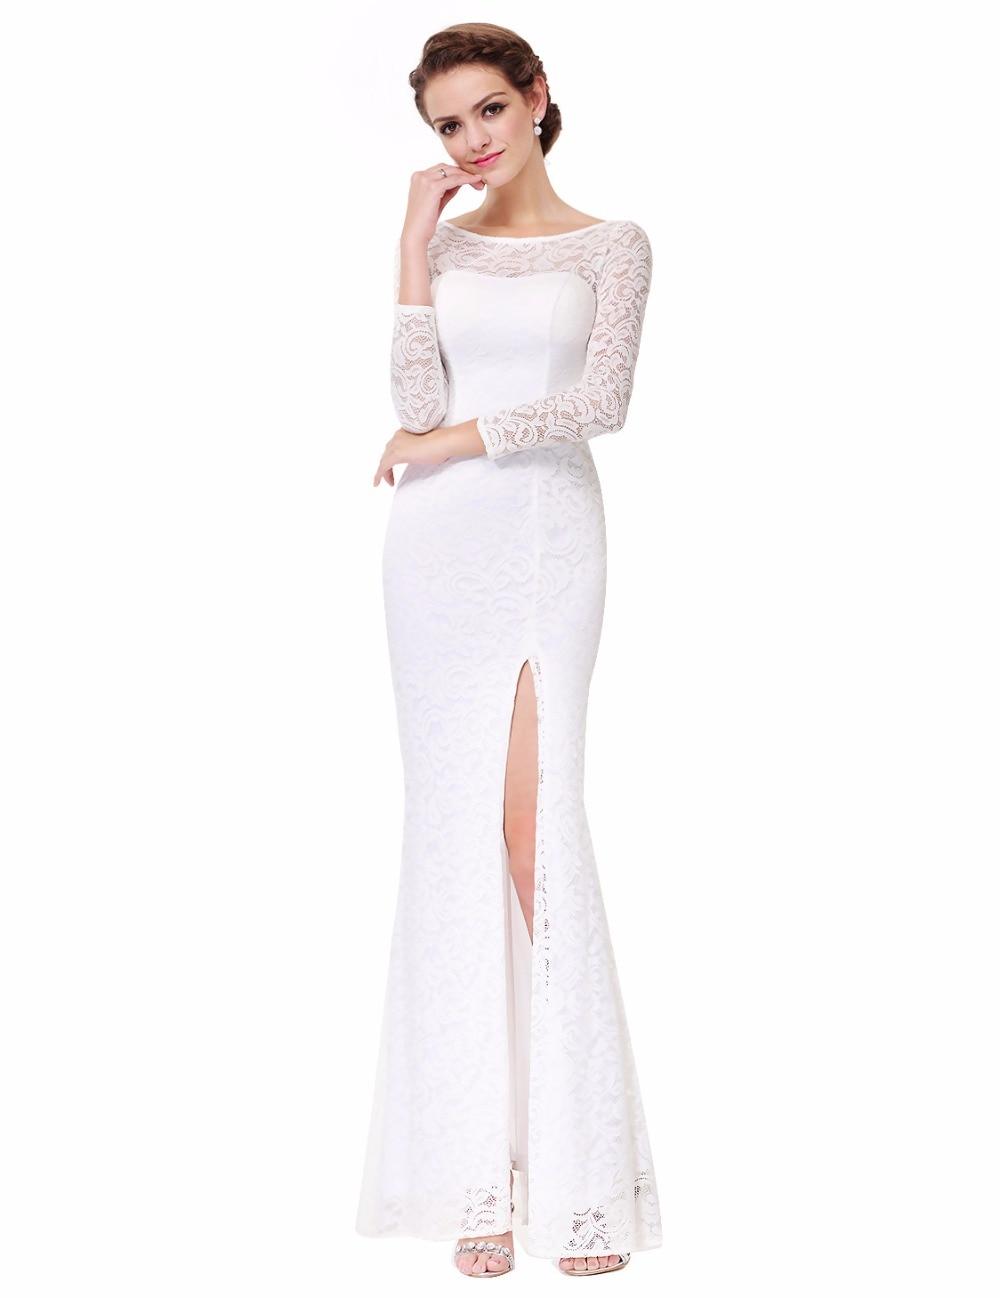 Fantastisch Oase Prom Kleid Fotos - Hochzeit Kleid Stile Ideen ...